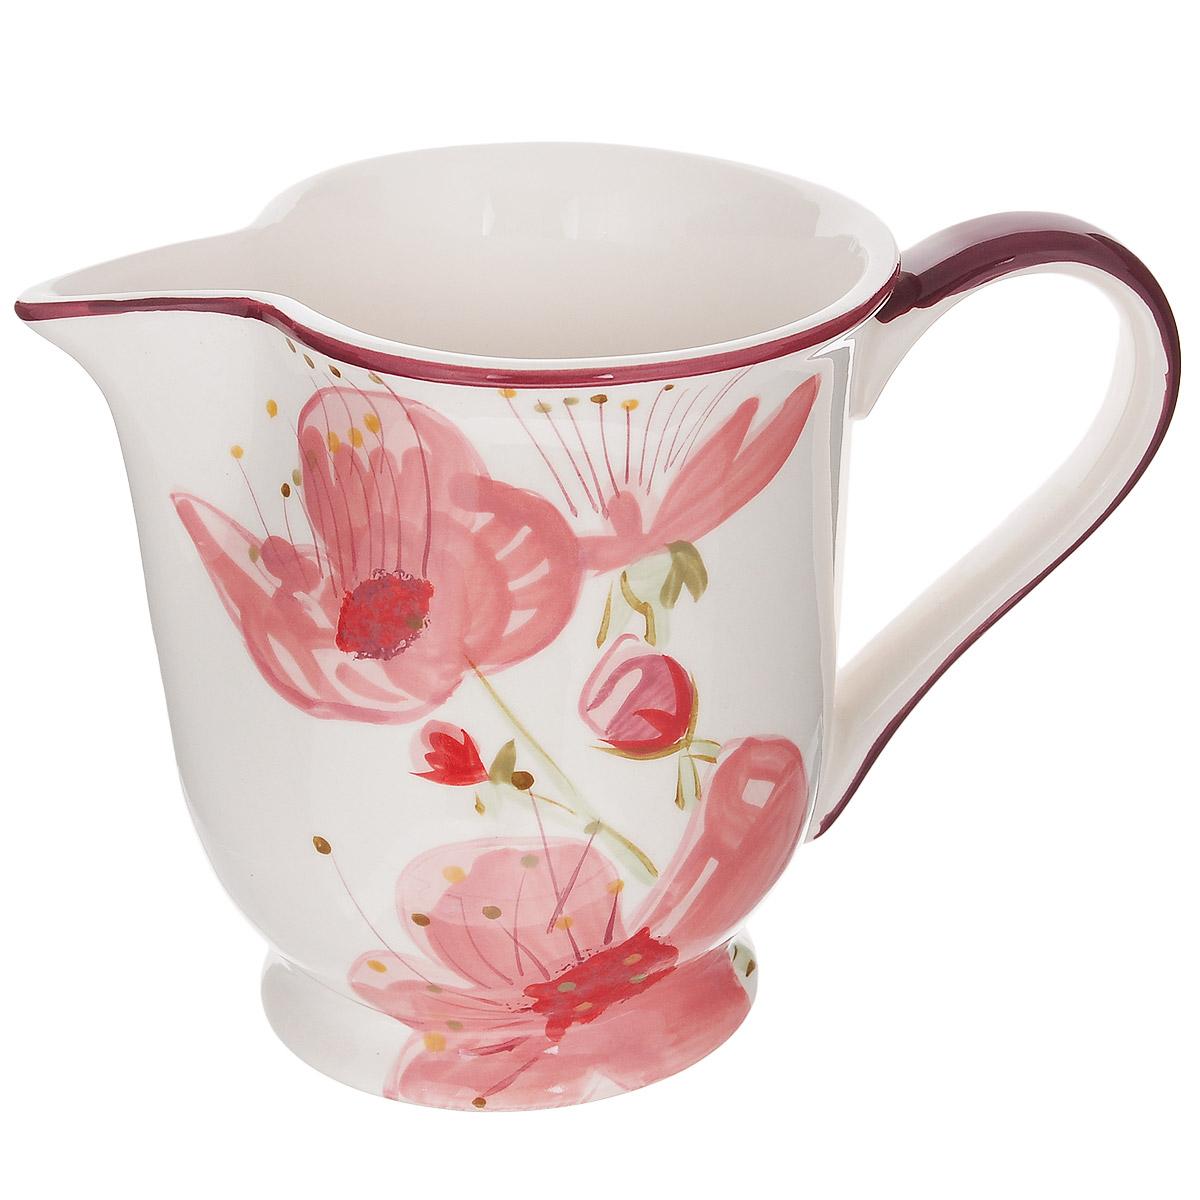 Кувшин Polnaya Chasha Вишня, 1 лВ62818АКувшин Polnaya Chasha Вишня изготовлен из высококачественной глазурованной керамики и оформлен красивым рисунком. Такой кувшин прекрасно подойдет для подачи молока, сока, воды и других напитков. Он ярко украсит ваш стол и станет практичным аксессуаром на вашей кухне. Коллекция Вишня - это очень модный и современный дизайн для использования каждый день на вашем столе. Каждый предмет данной коллекции эксклюзивно раскрашен вручную с помощью ярких устойчивых красок. Подходит для использования в микроволновых печах, а также для мытья в посудомоечных машинах.